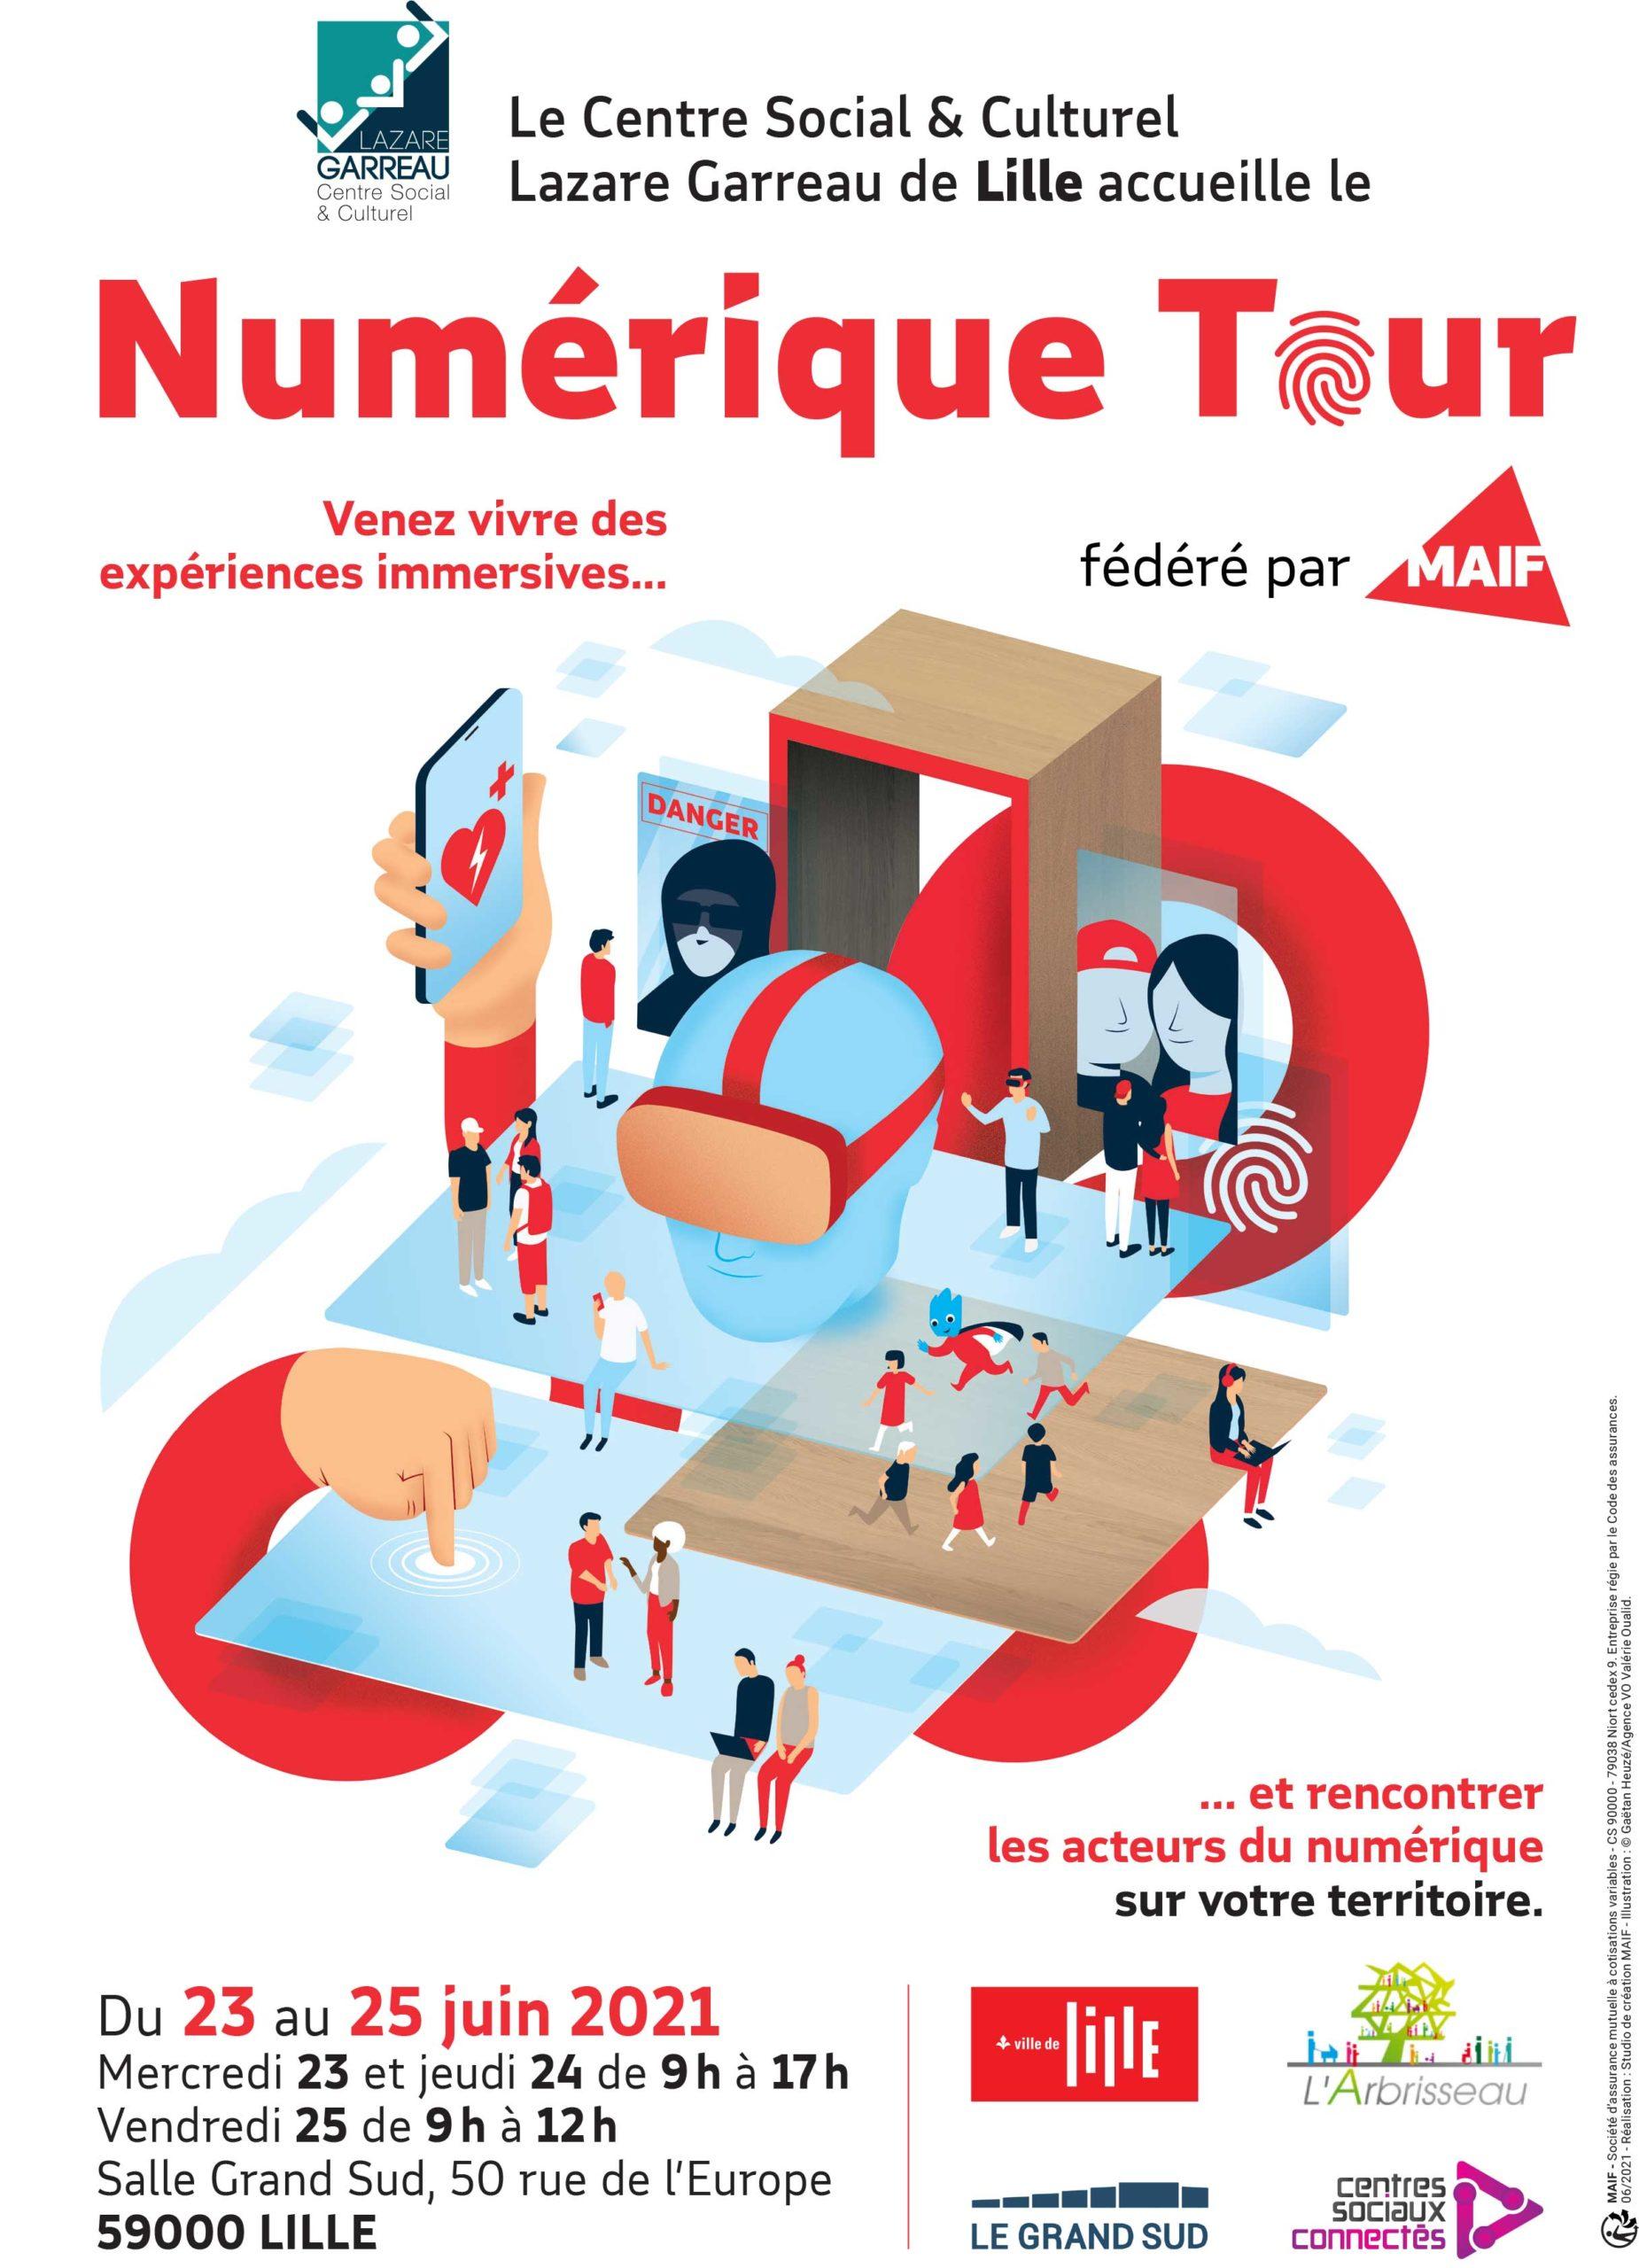 centre_lazare_garreau_numerique_tour_affiche